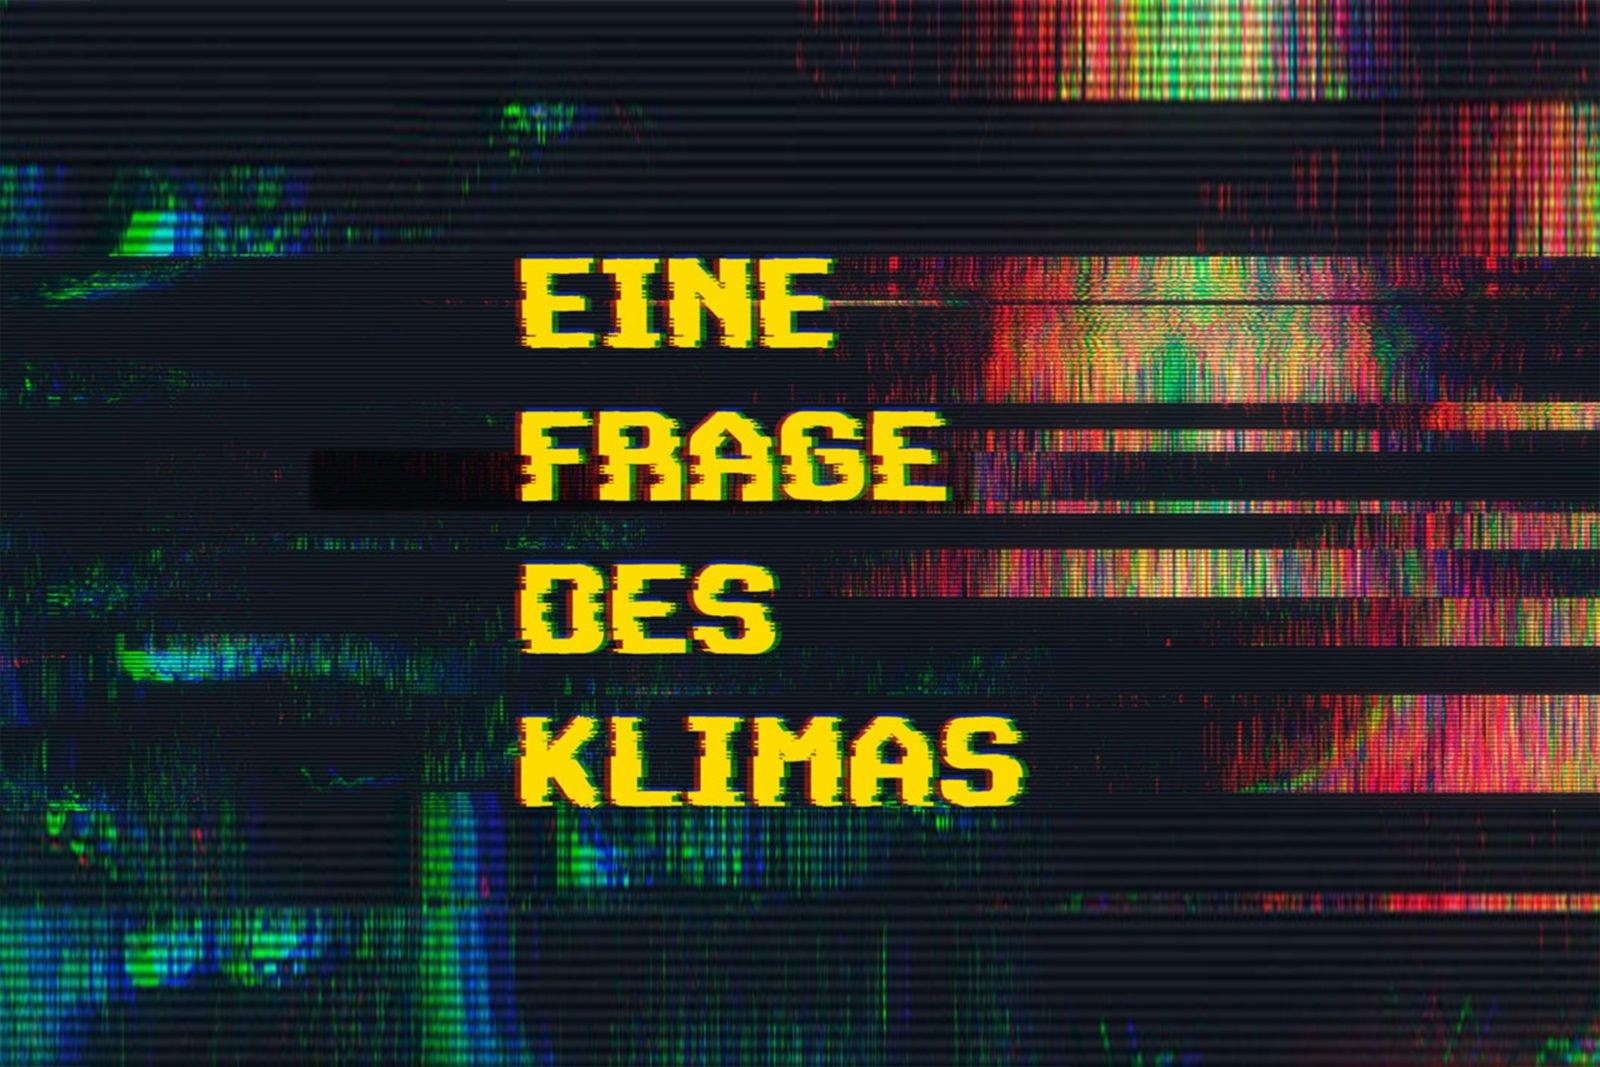 """Der Schriftzug """"Eine Frage des Klimas"""" stilisiert auf verzerrten Farben, die an Bildrauschen erinnern."""